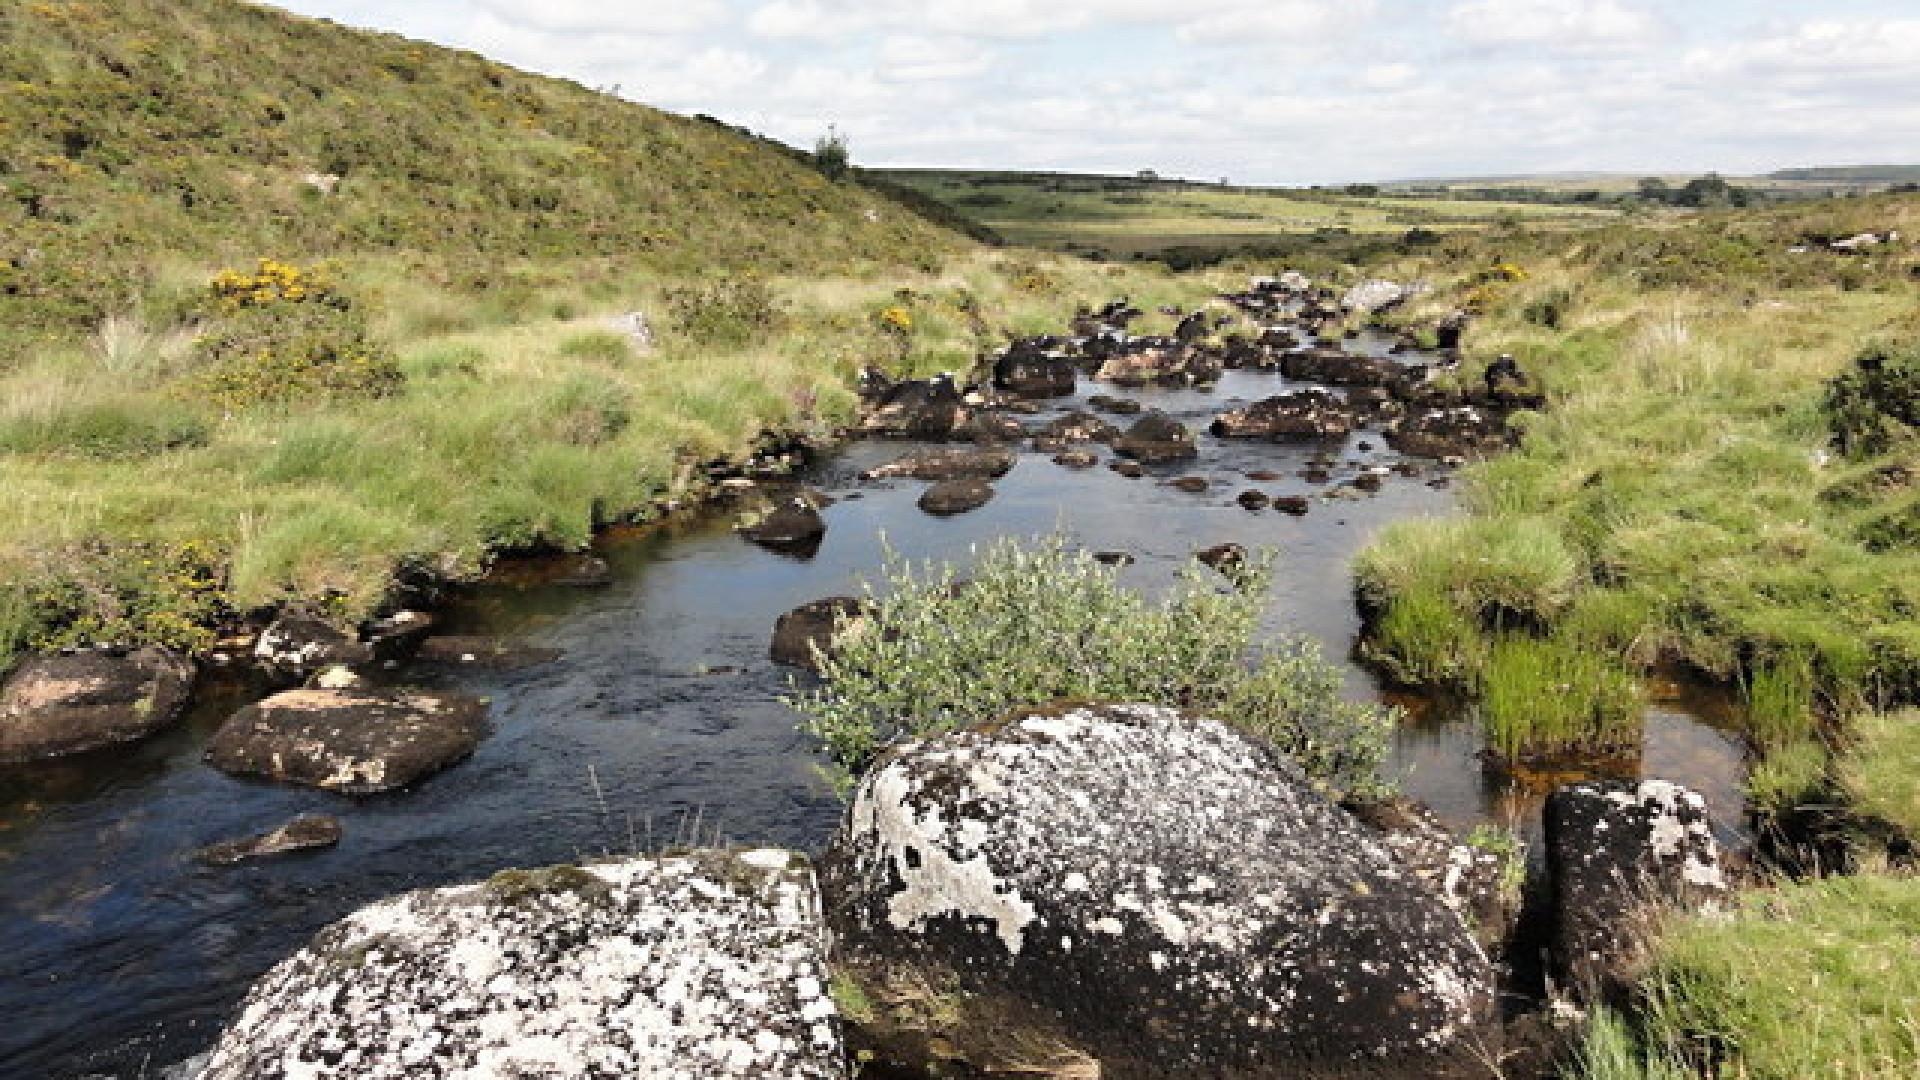 Swimming spot on River Swincombe, Devon